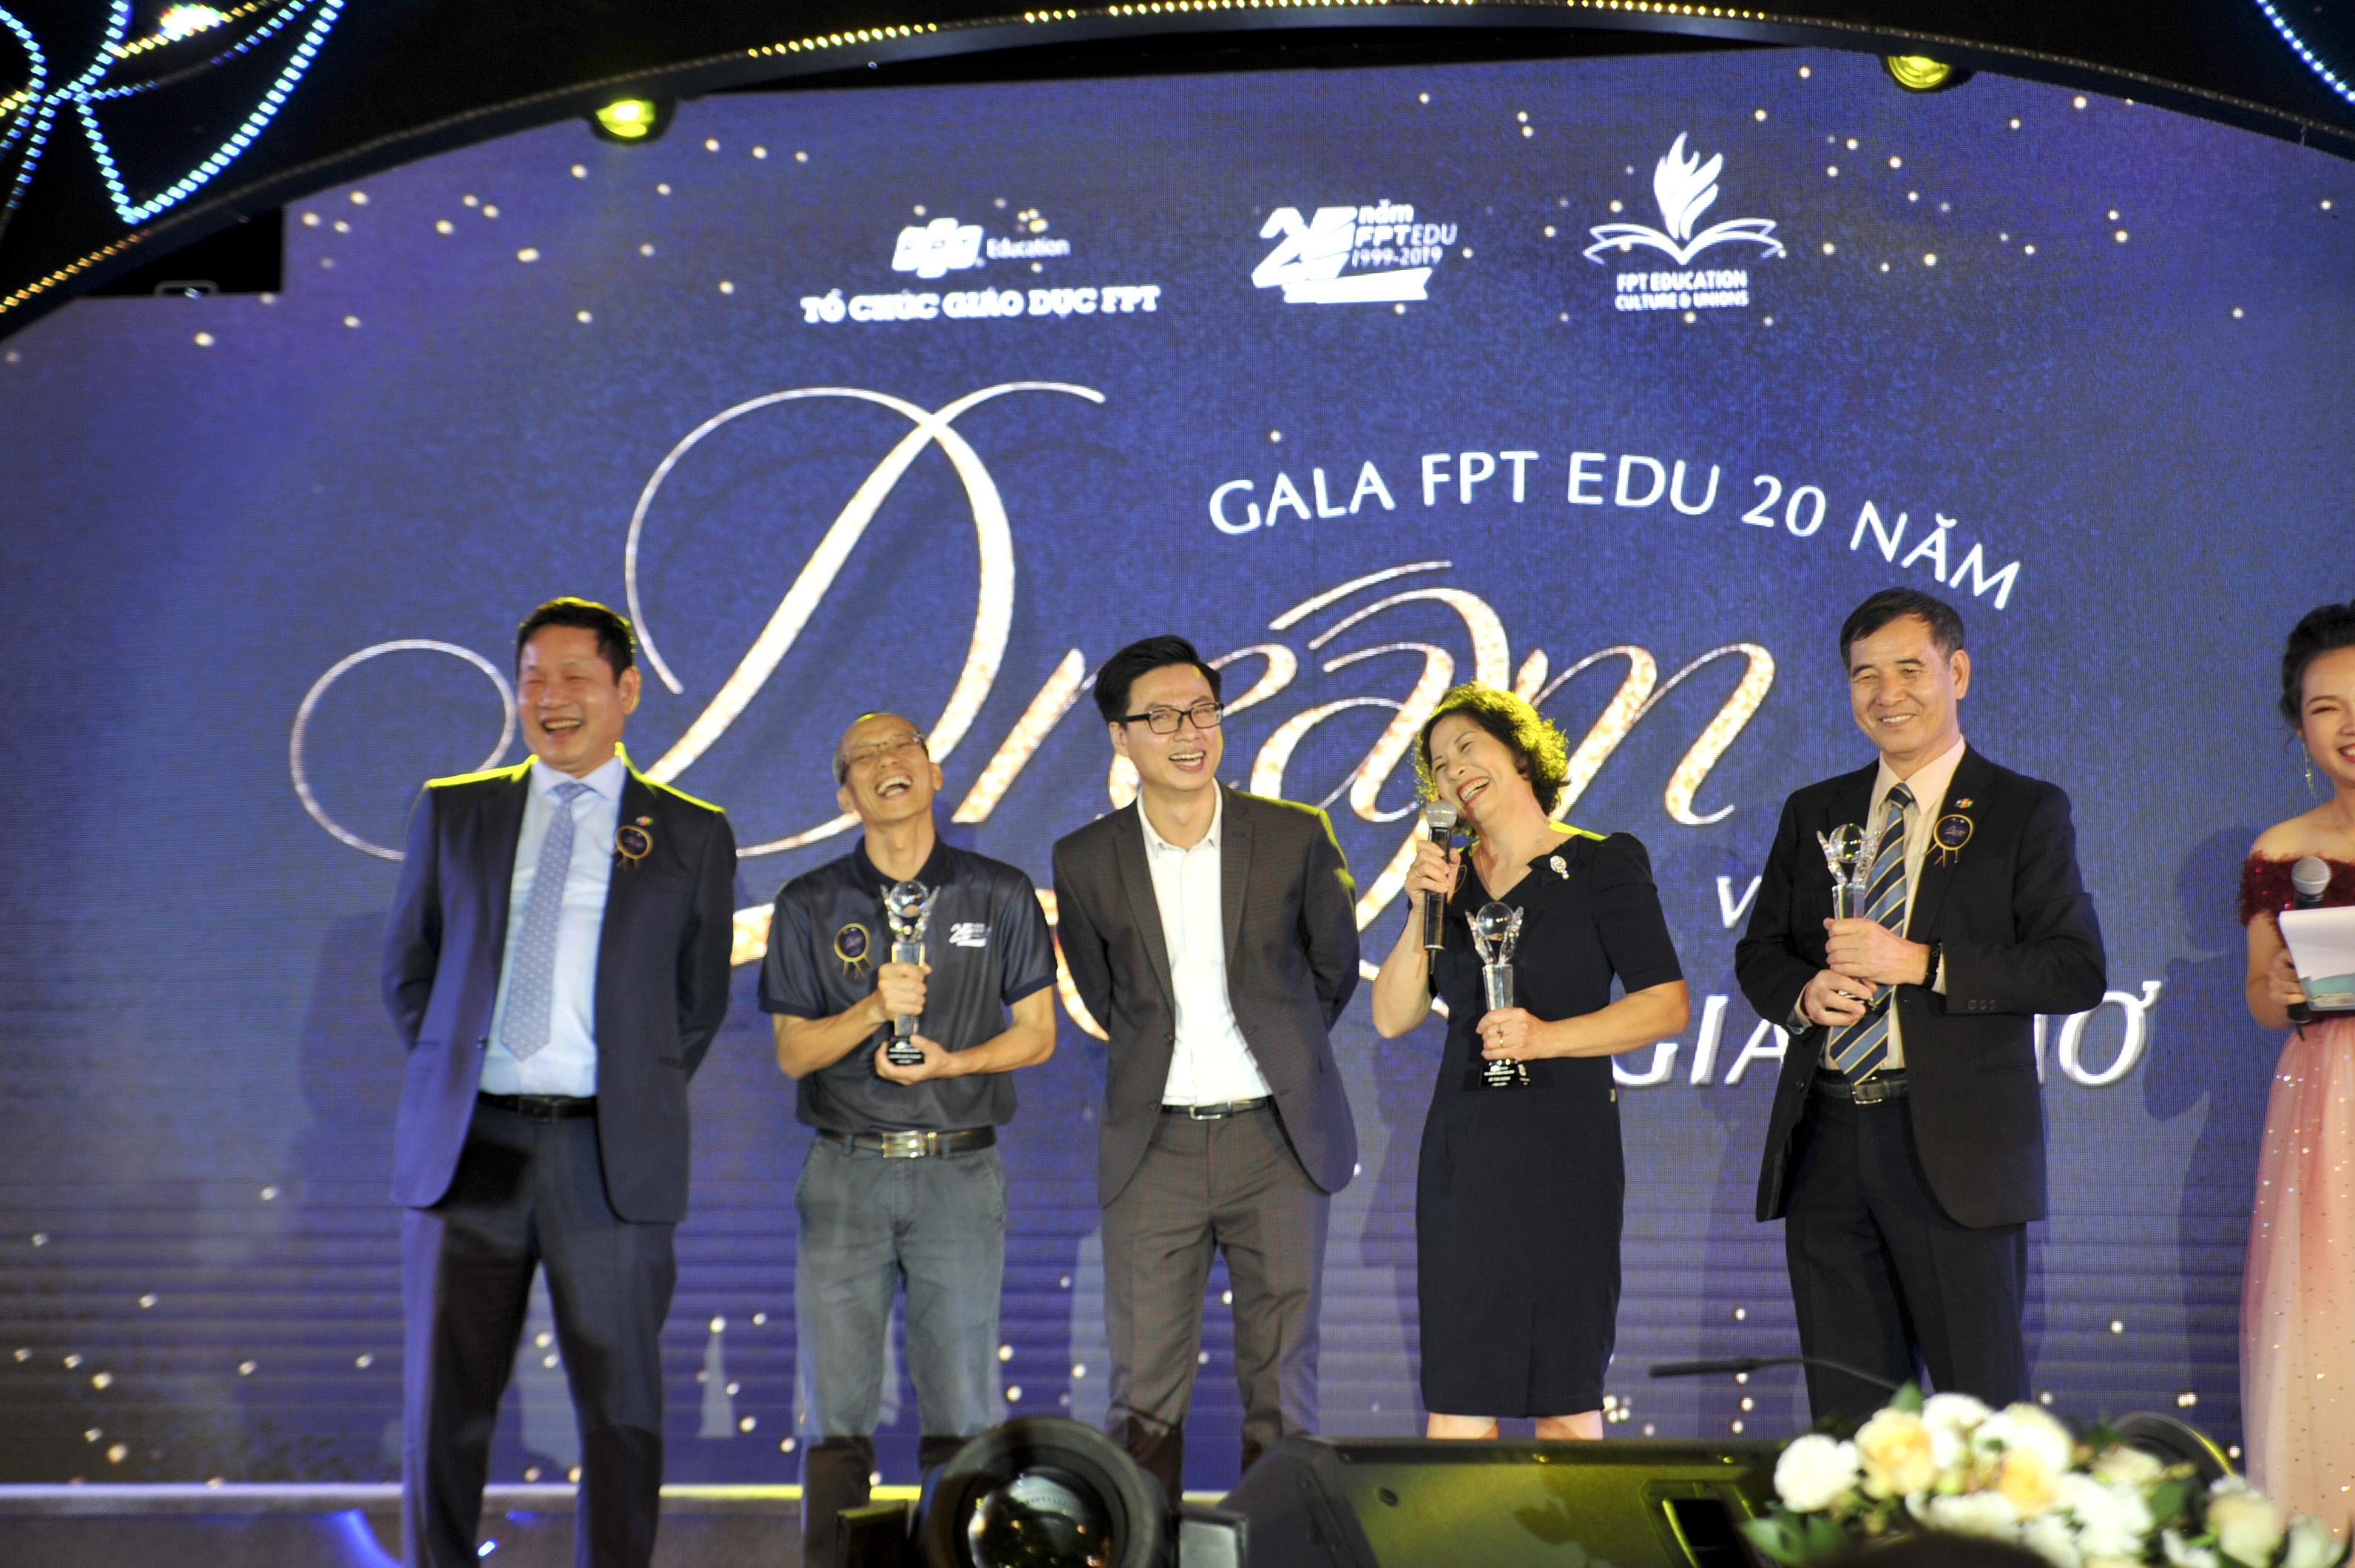 Chủ tịch Trương Gia Bình trực tiếp lên sân khấu tôn vinh 3 gương mặt đặc biệt đã dành cả 'thanh xuân' để cống hiến cho Tổ chức Giáo dục là anh Lê Trường Tùng, anh Nguyễn Khắc Thành và chị Lê Thị Loan.